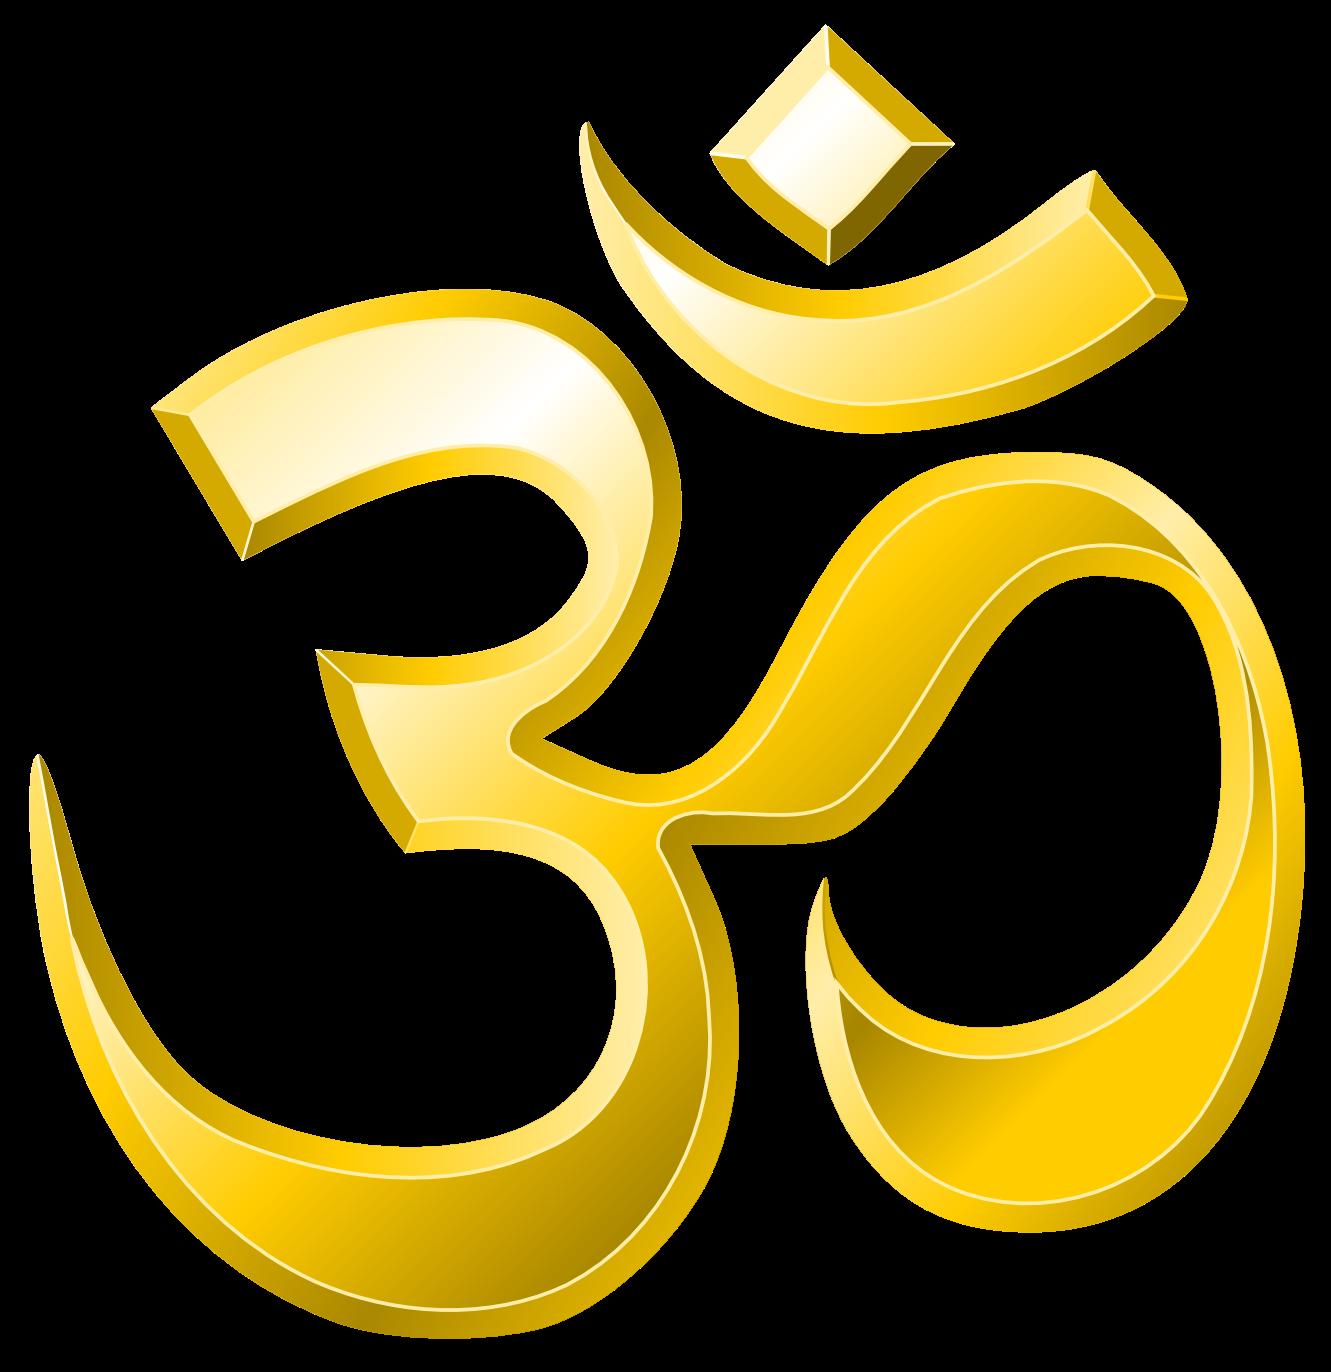 hindu symbols pictures - 873×900